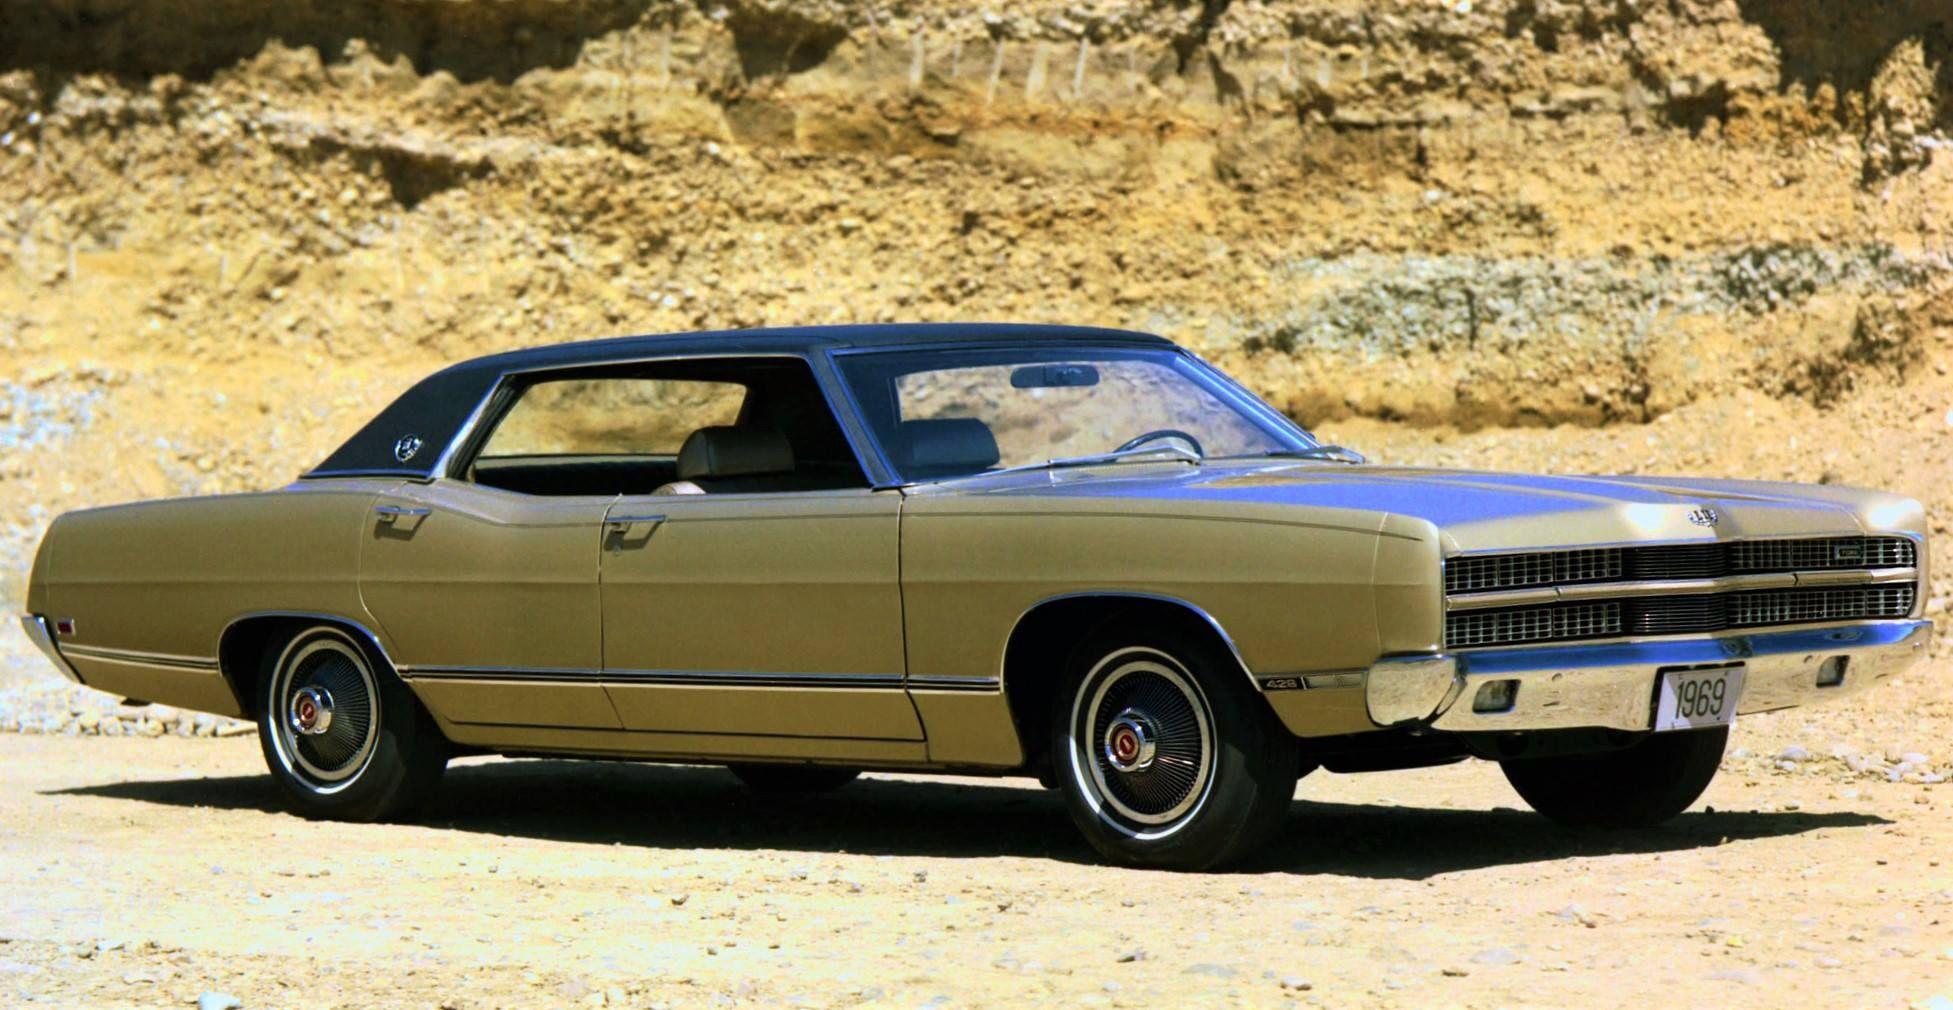 1969 Ford Ltd 4 Door Hardtop Ford Ltd Dream Cars Cars Trucks